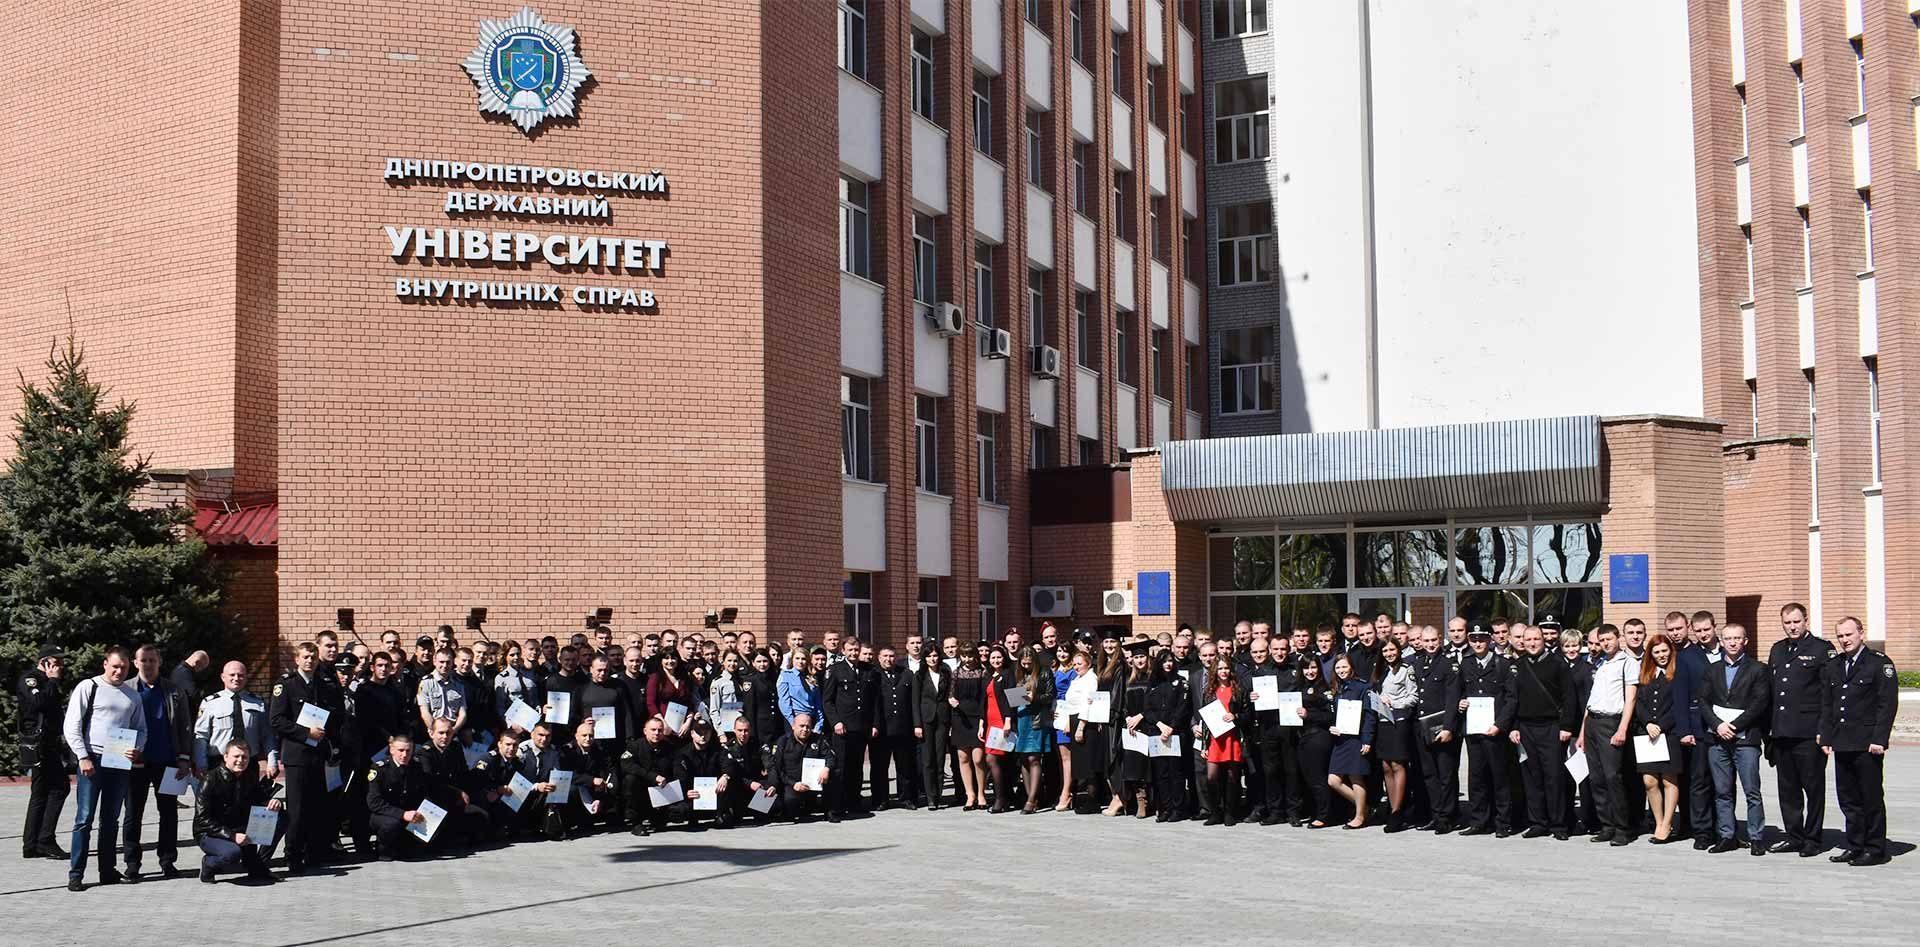 Навчально-науковий інститут заочного навчання та підвищення кваліфікації Дніпропетровського державного університету внутрішніх справ